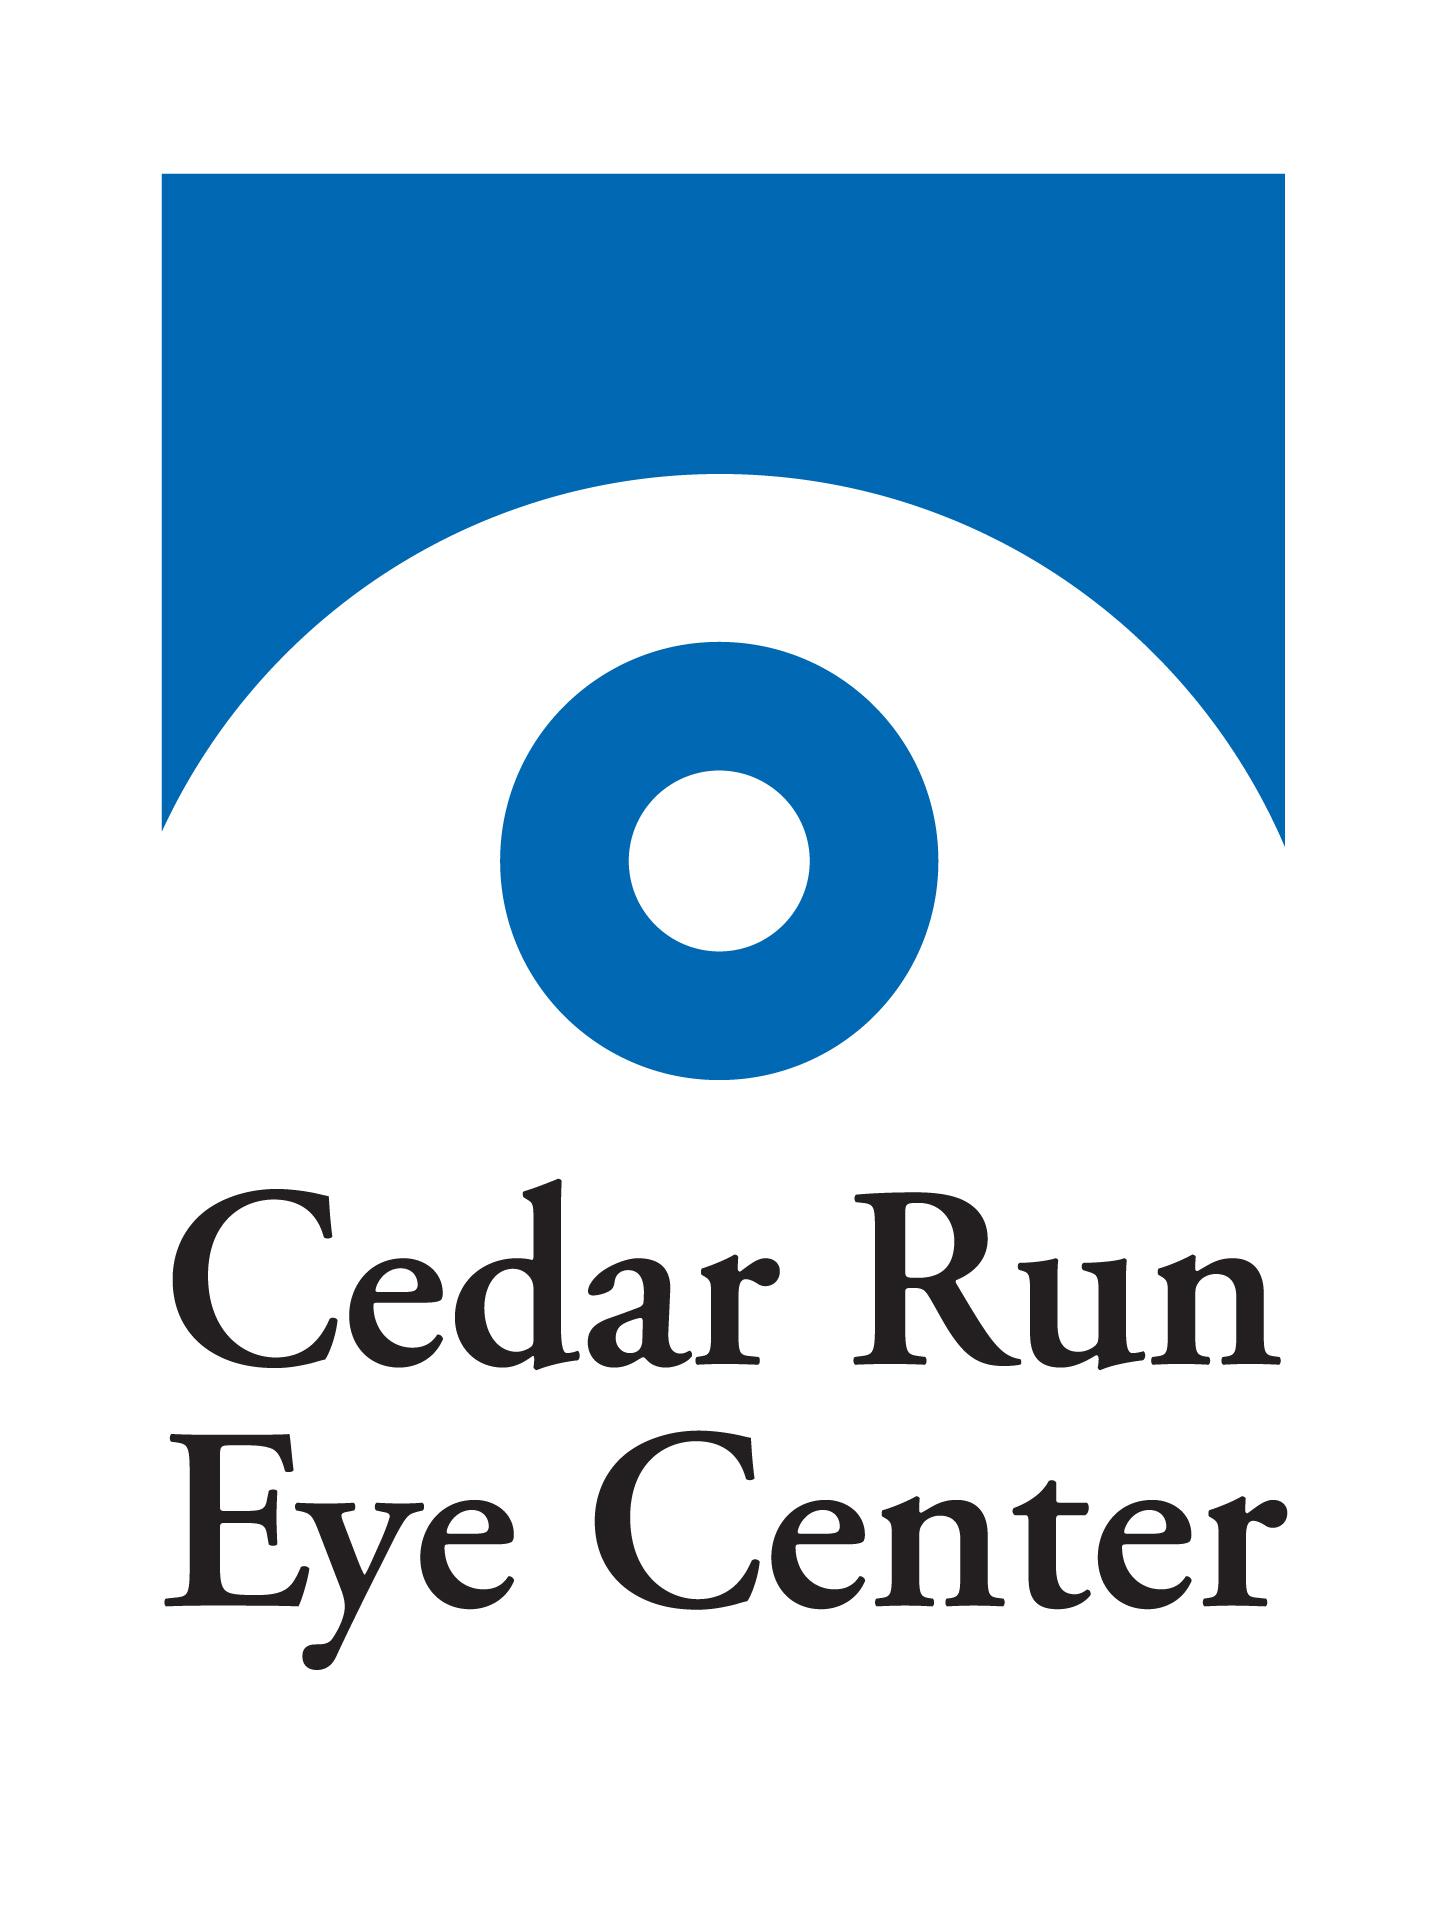 Cedar Run Eye Center